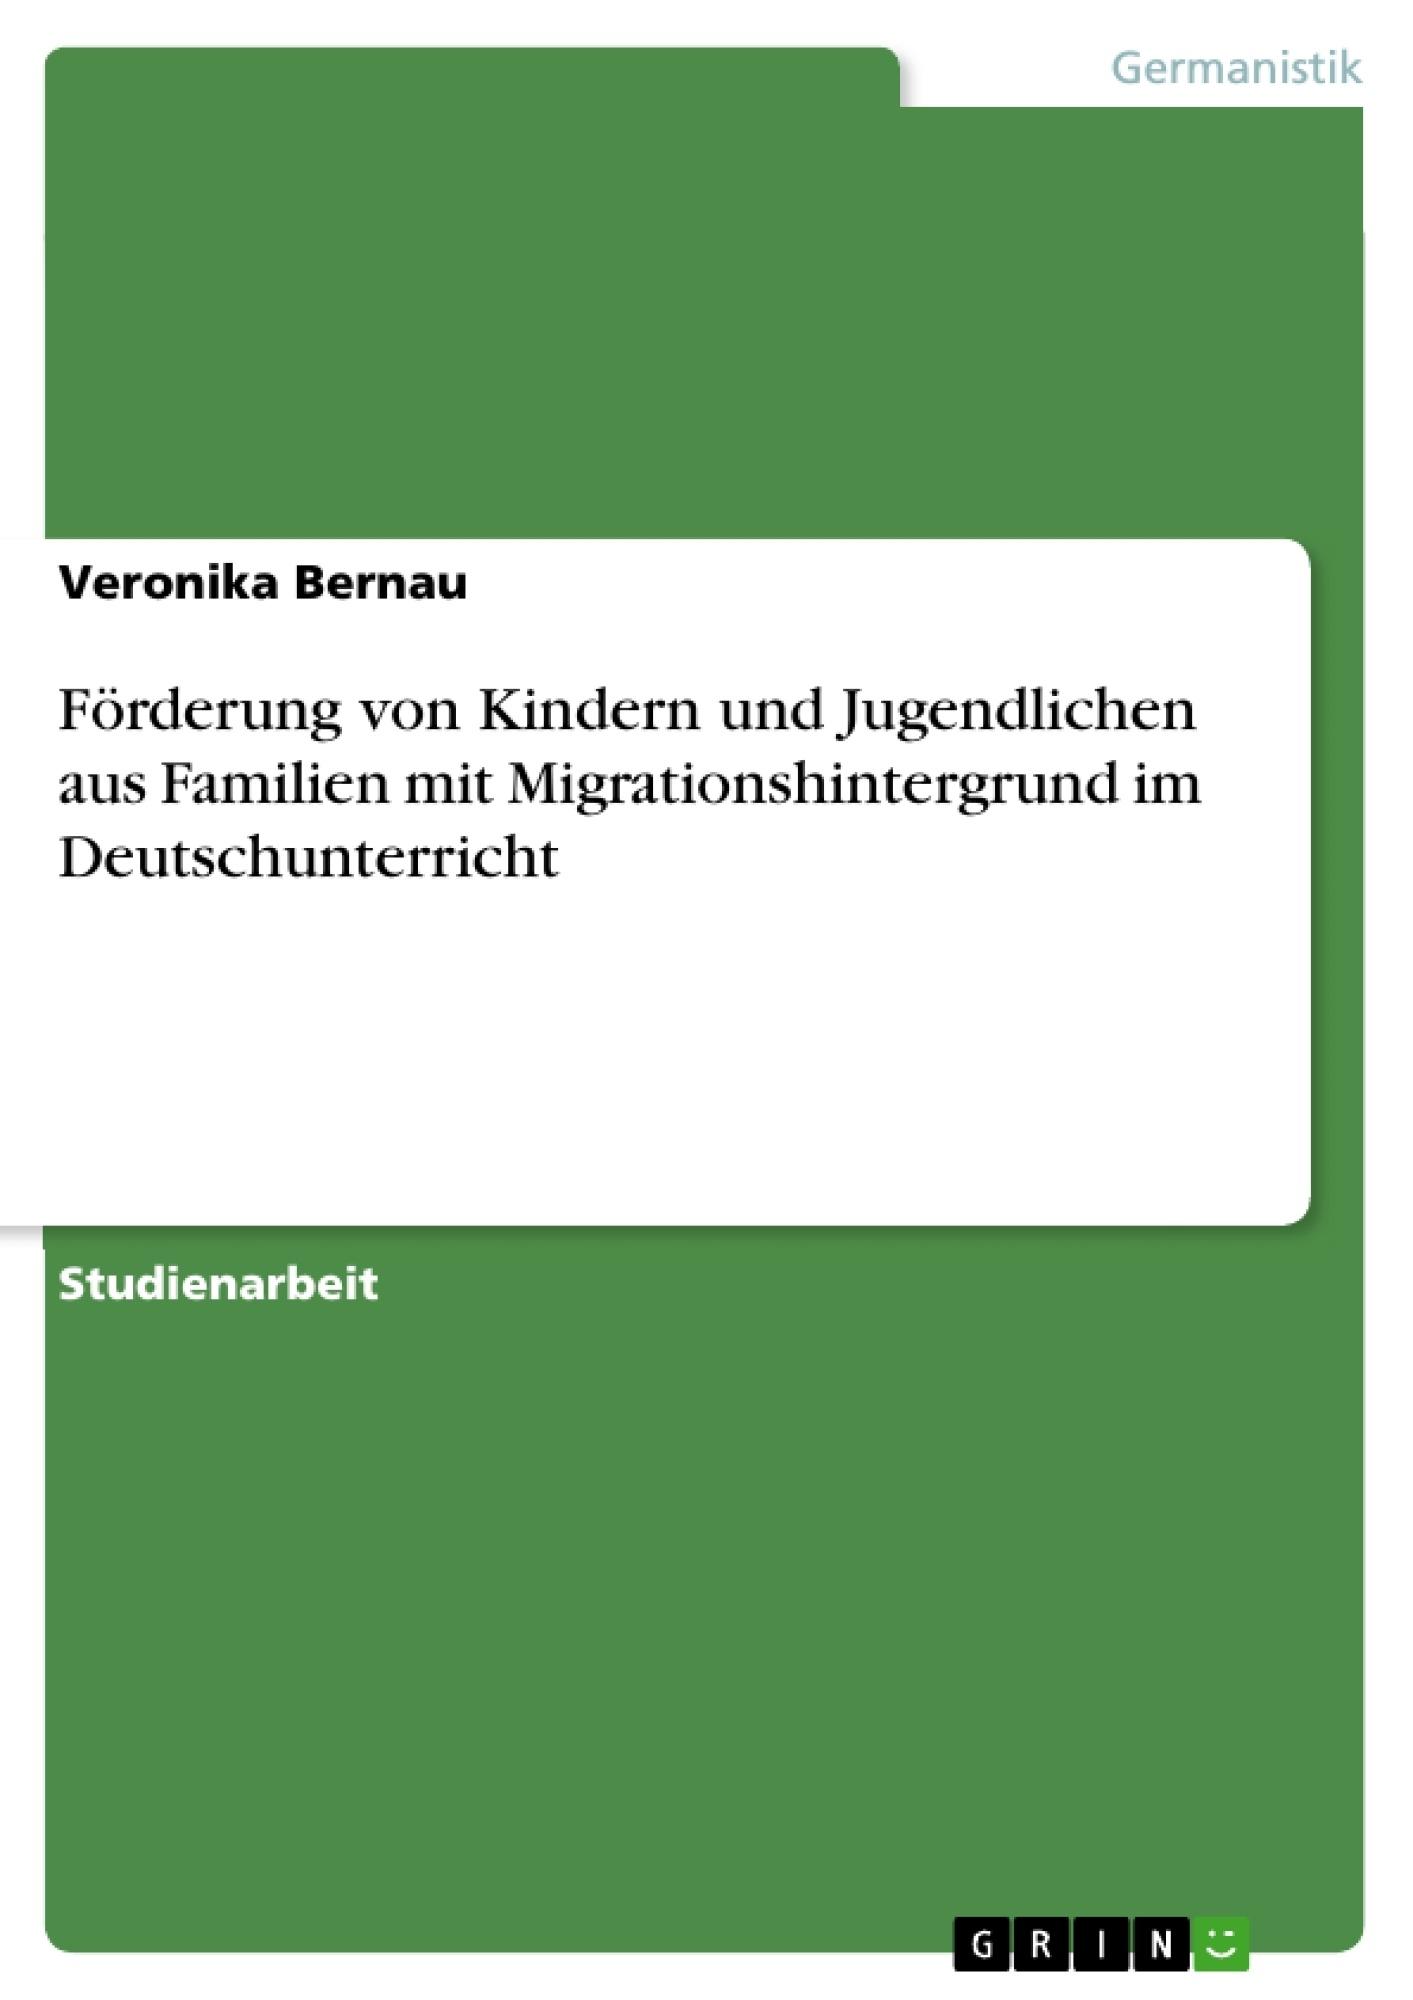 Titel: Förderung von Kindern und Jugendlichen aus Familien mit Migrationshintergrund im Deutschunterricht